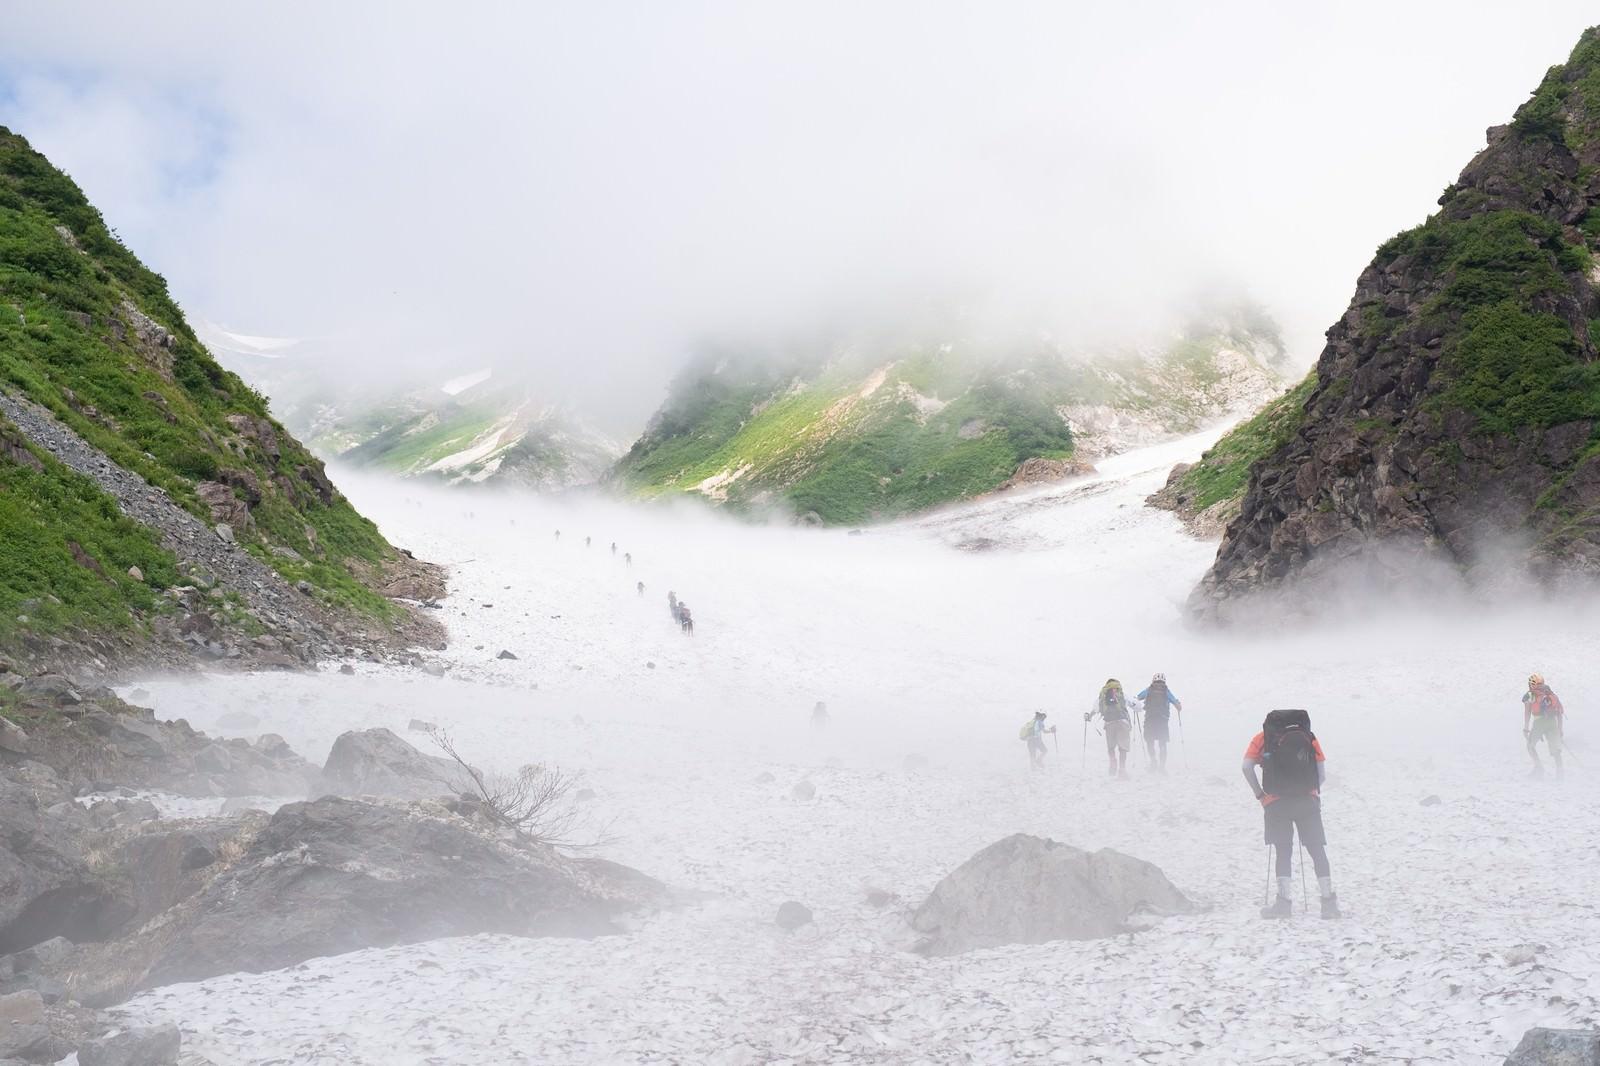 「白馬大雪渓を登り始める登山者達(白馬岳)」の写真